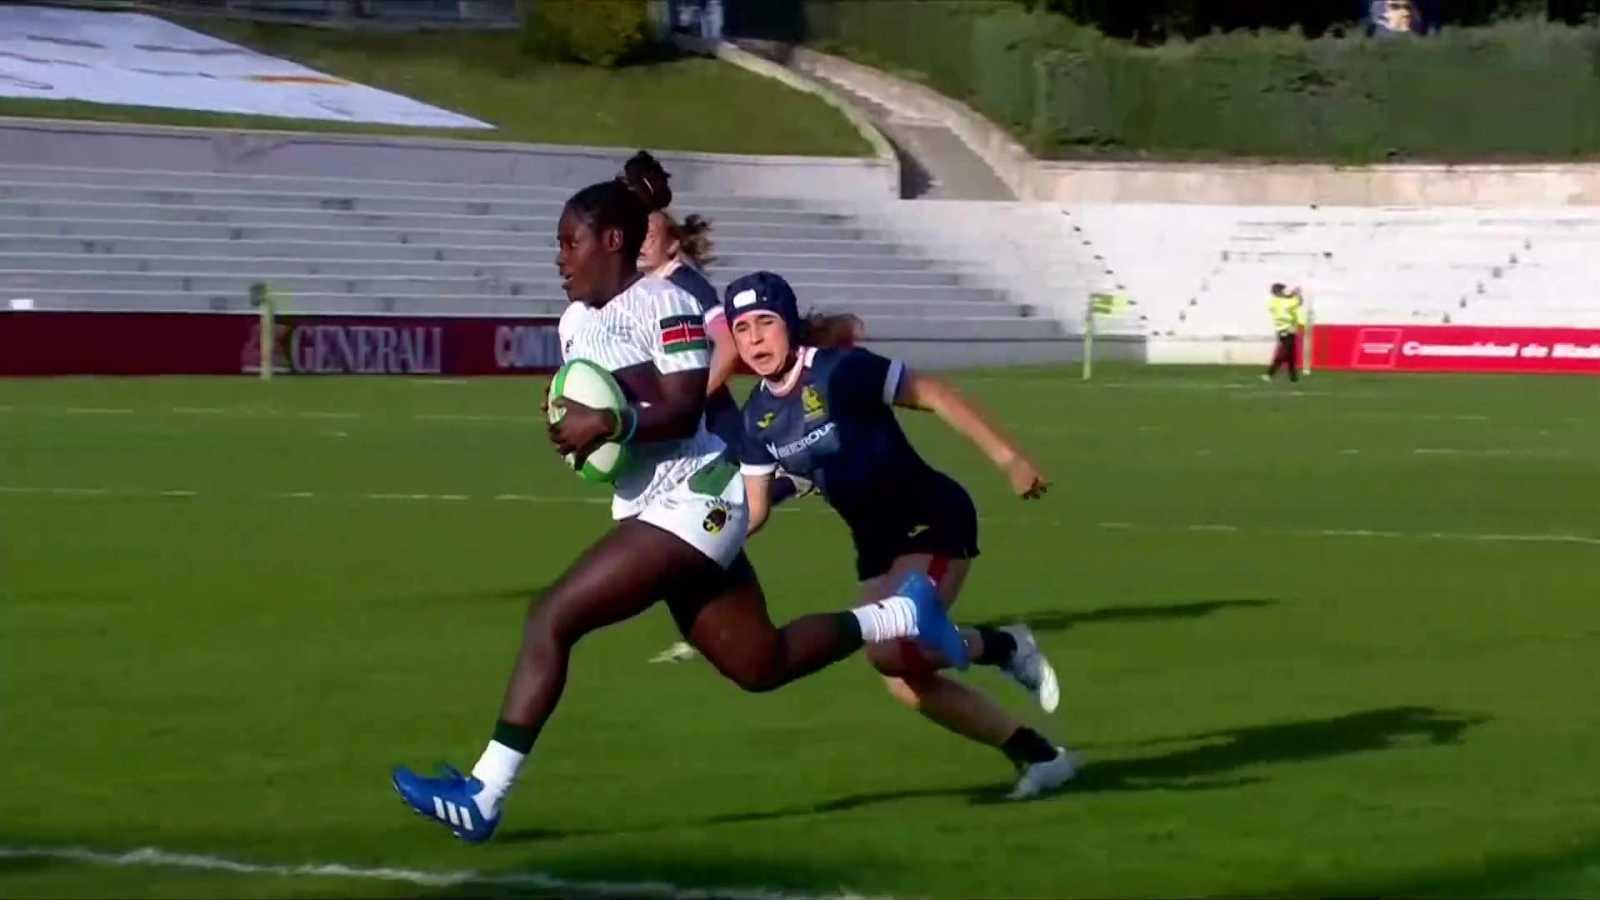 Rugby - Torneo internacional Sevens (femenino): España - Kenya - ver ahora